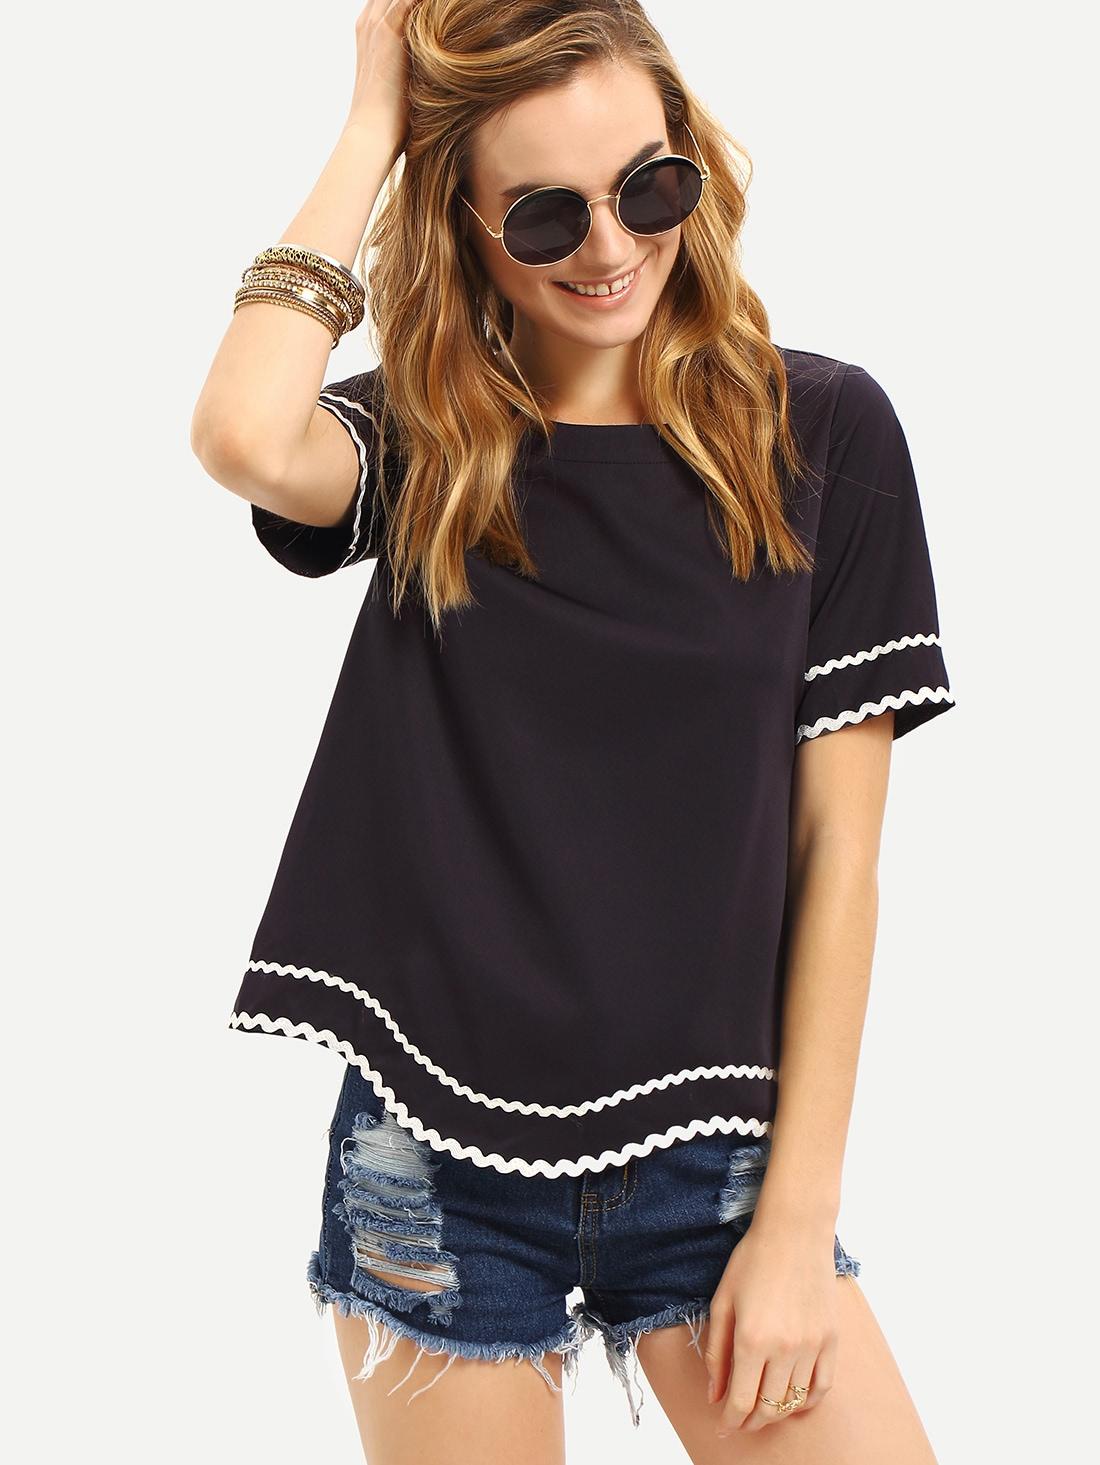 Купить Тёмно-синяя модная футболка с вышивкой, null, SheIn